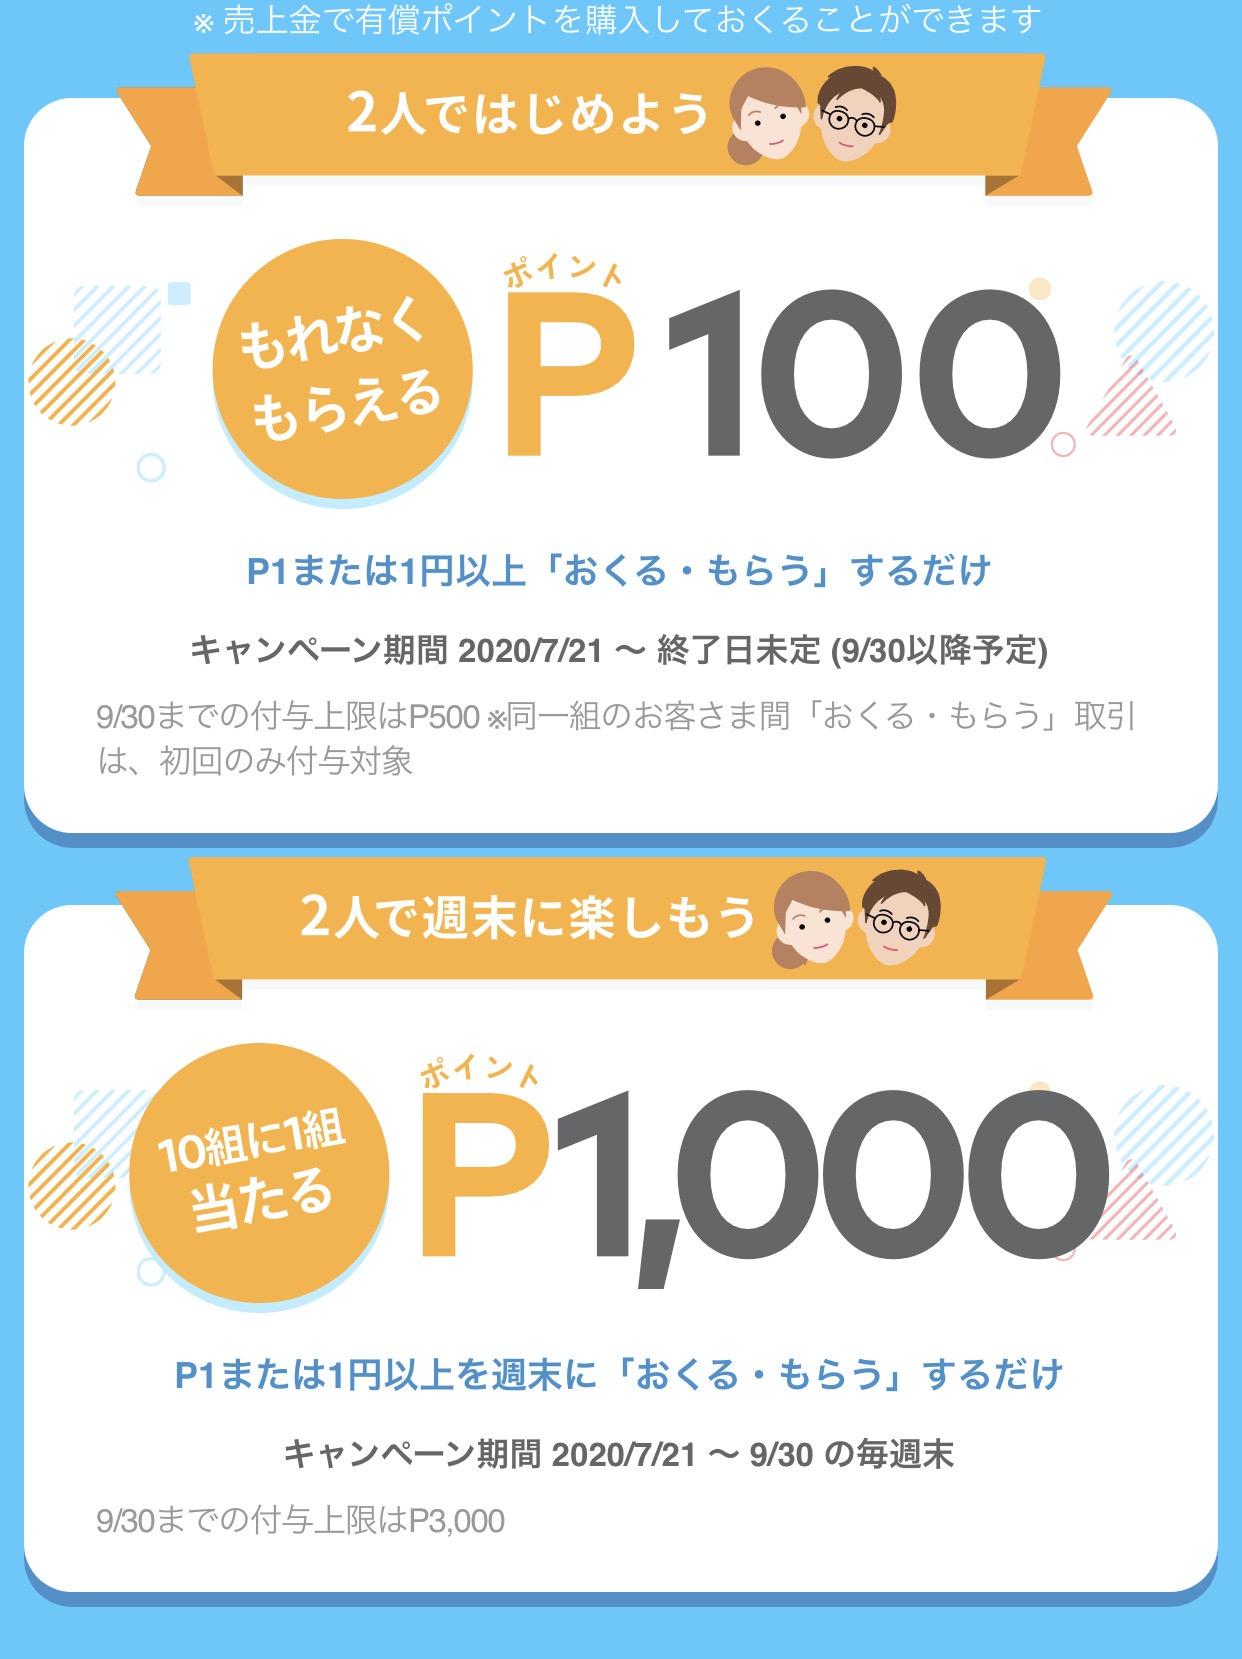 【メルカリ】もれなく100ポイント&抽選で1,000ポイントが貰えるメルペイ「おくる・もらう スタート」キャンペーン